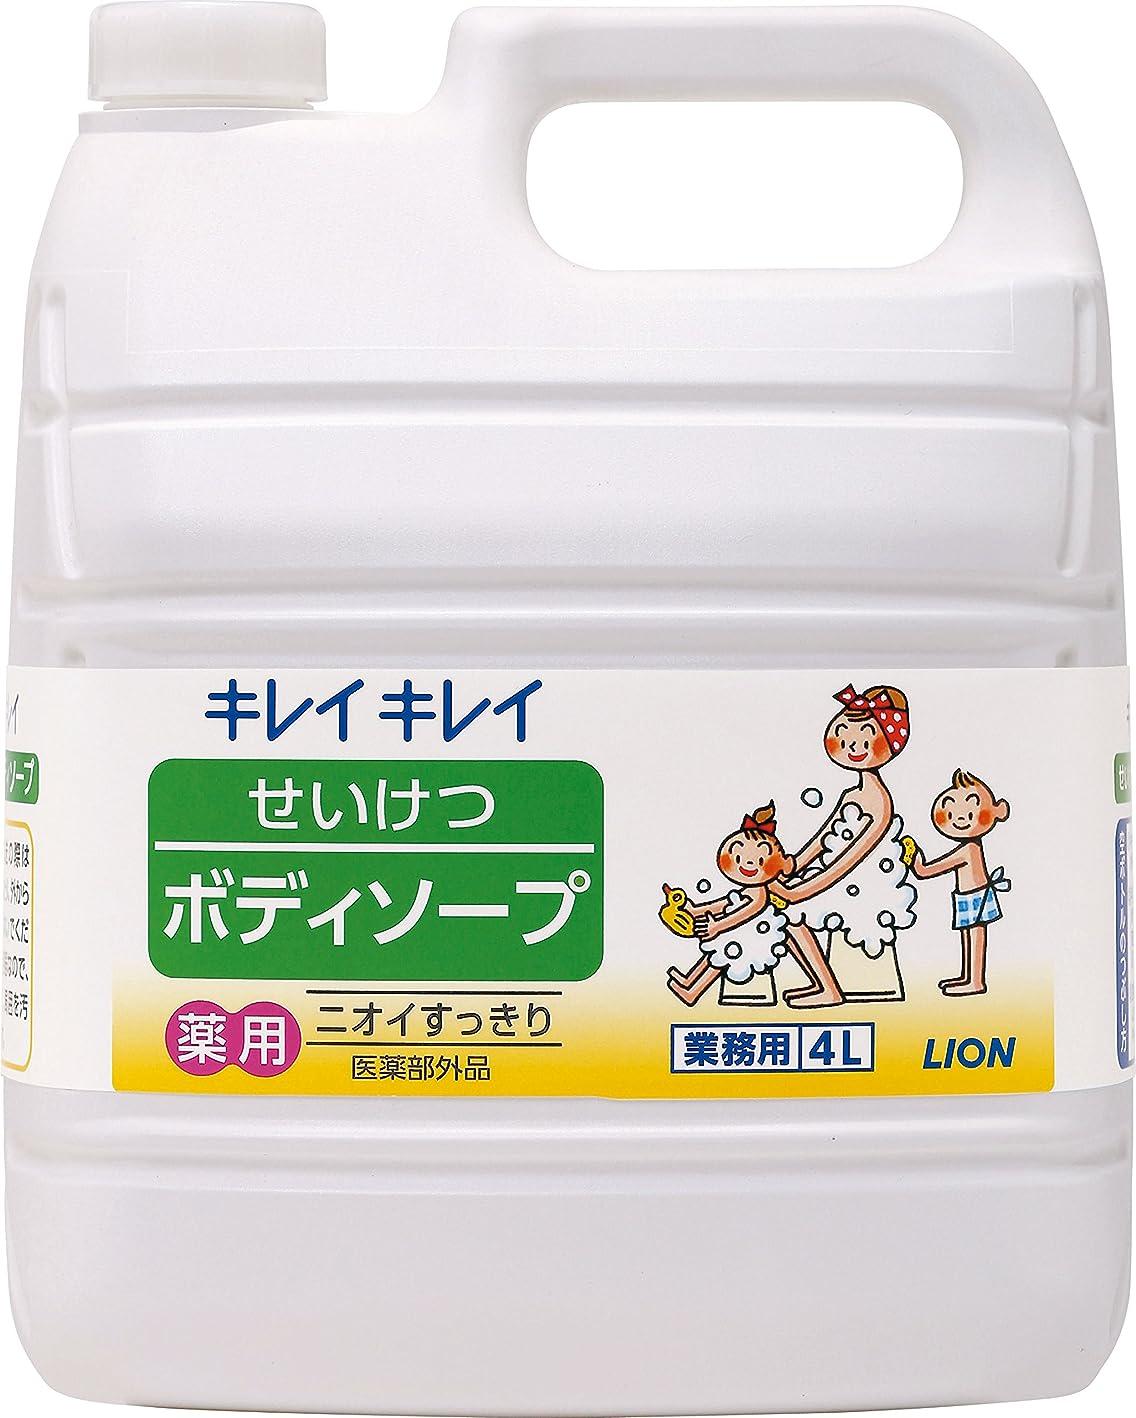 ヘルメット悪夢アイデア【業務用 大容量】キレイキレイ せいけつボディソープ さわやかなレモン&オレンジの香り 4L(医薬部外品)